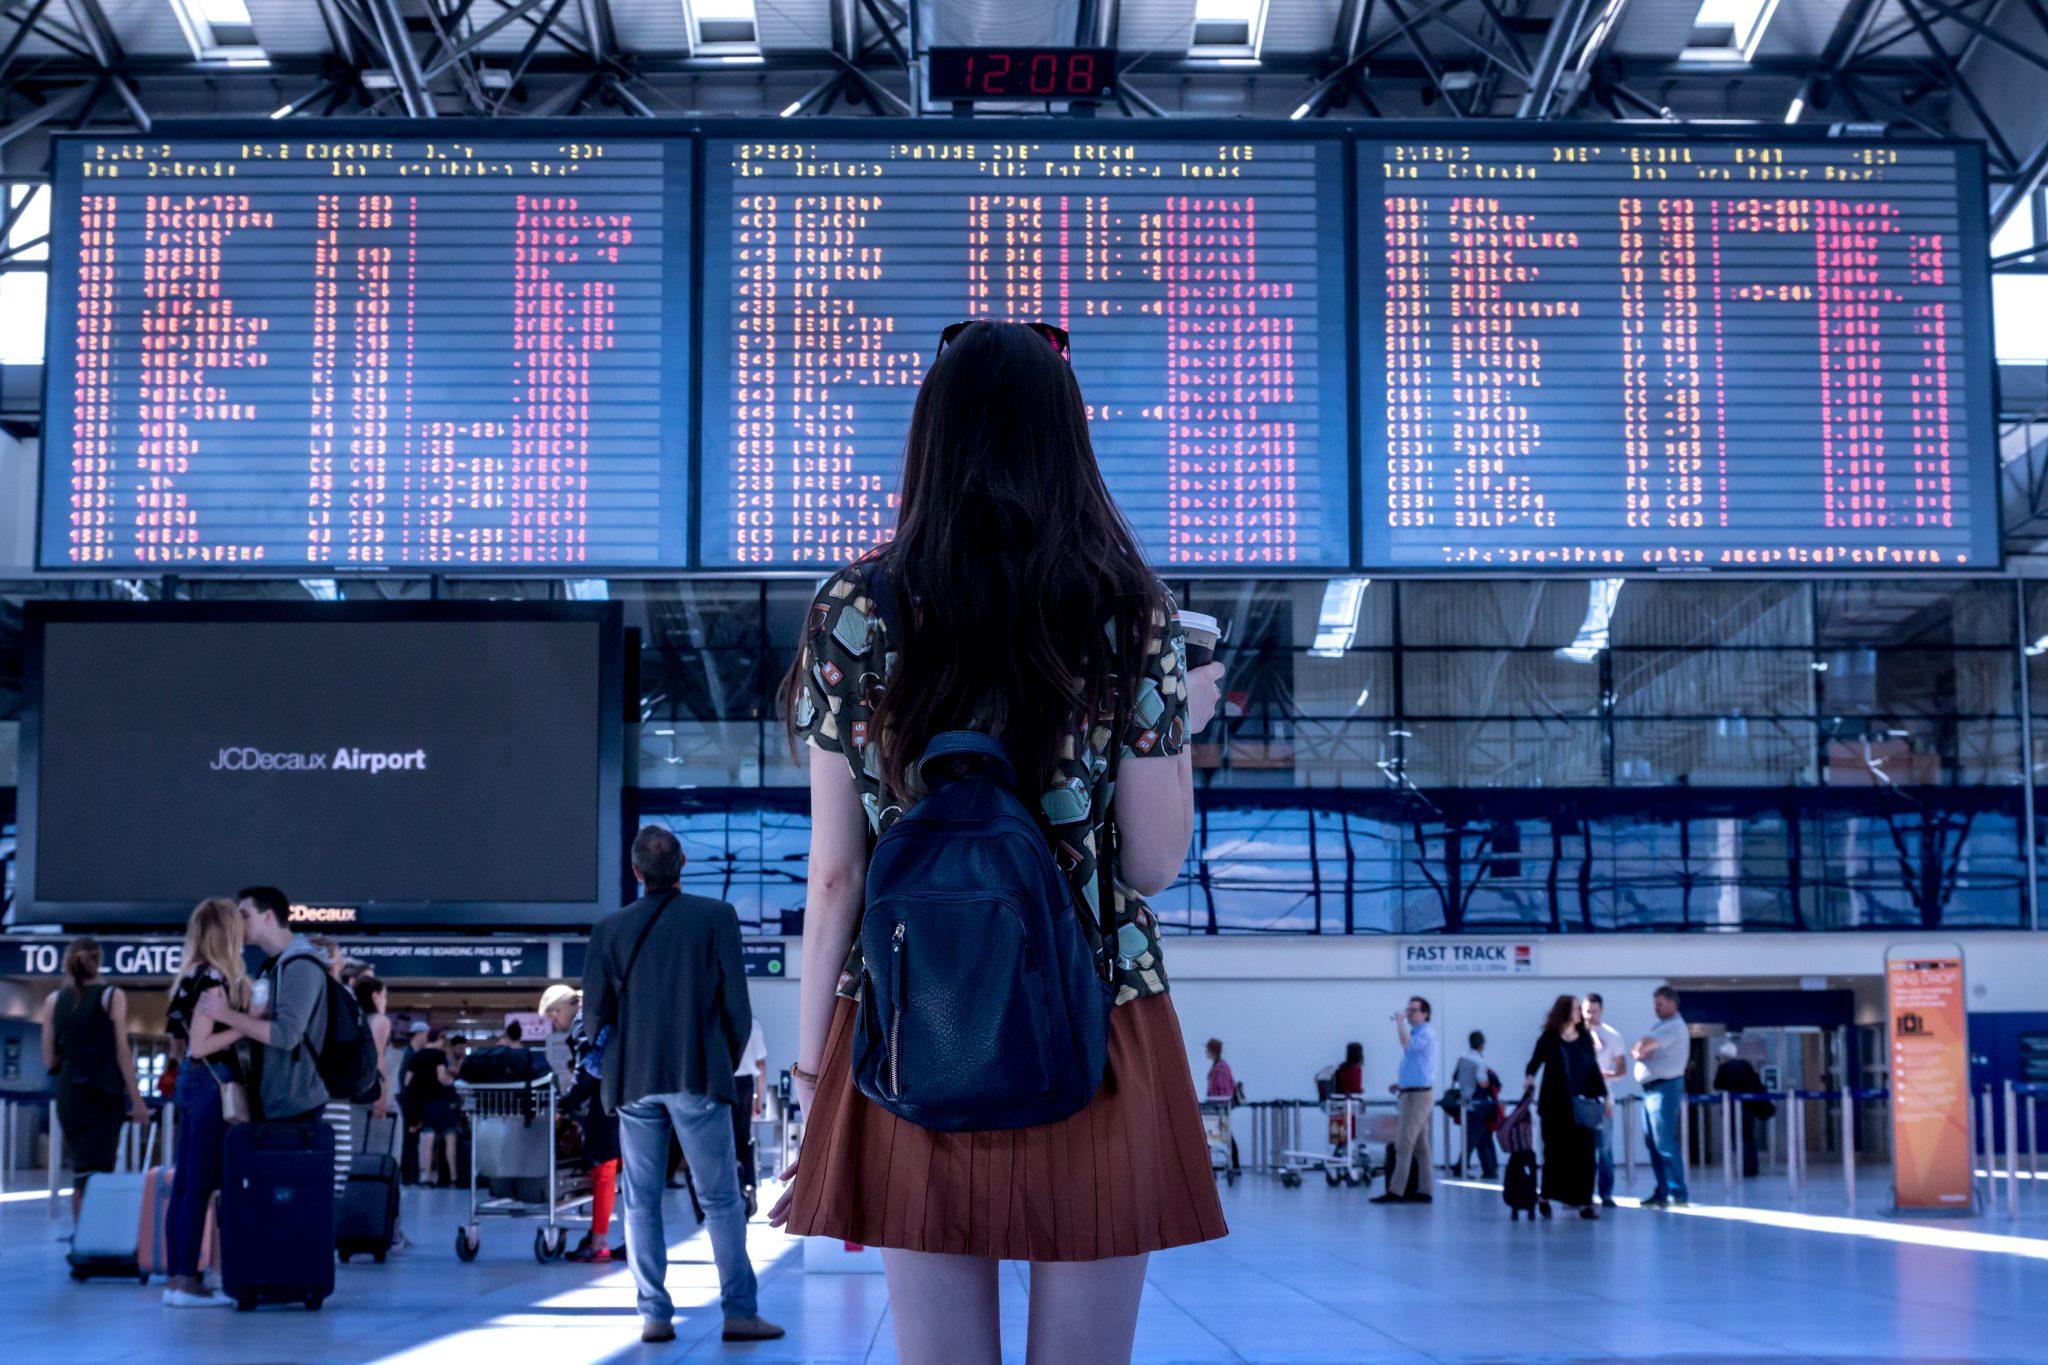 aeropuerto españa - TRÁMITES PARA INMIGRANTES